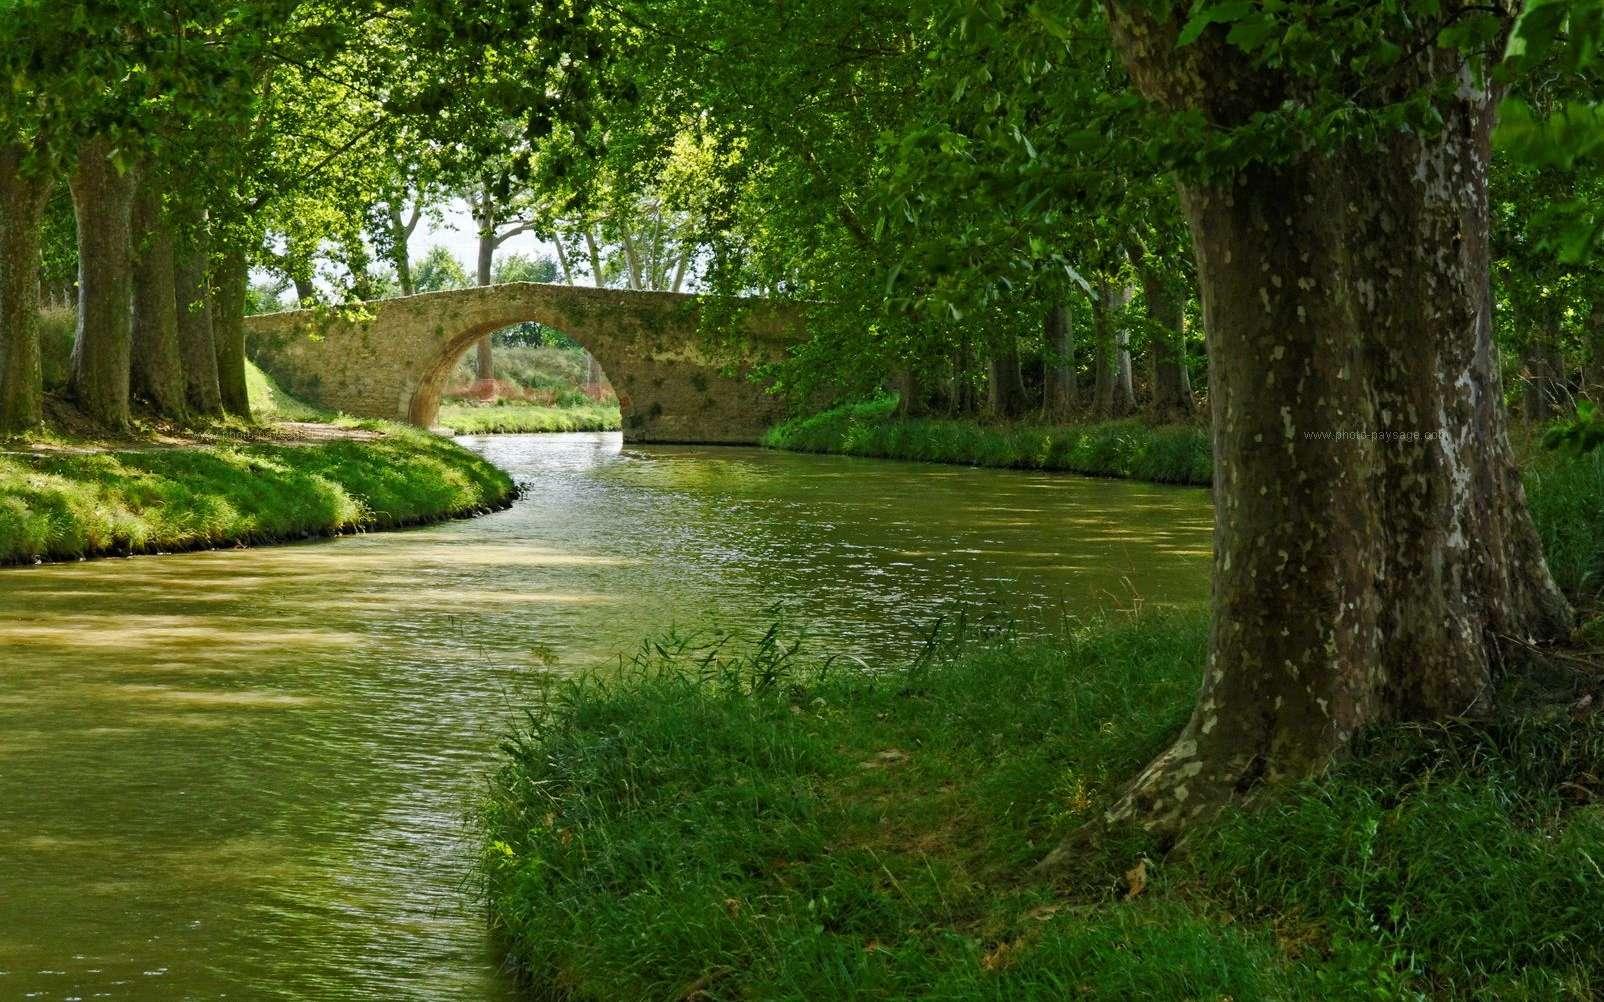 Le canal du Midi est inscrit sur la liste du patrimoine de l'humanité de l'Unesco depuis 1996. Sur les plus de 40 milliers de platanes qui arborent le linéaire, près de 10.000 sont malades et doivent être abattus. © Bruno Monginoux, Landschaft-Foto.com, cc by nc nd